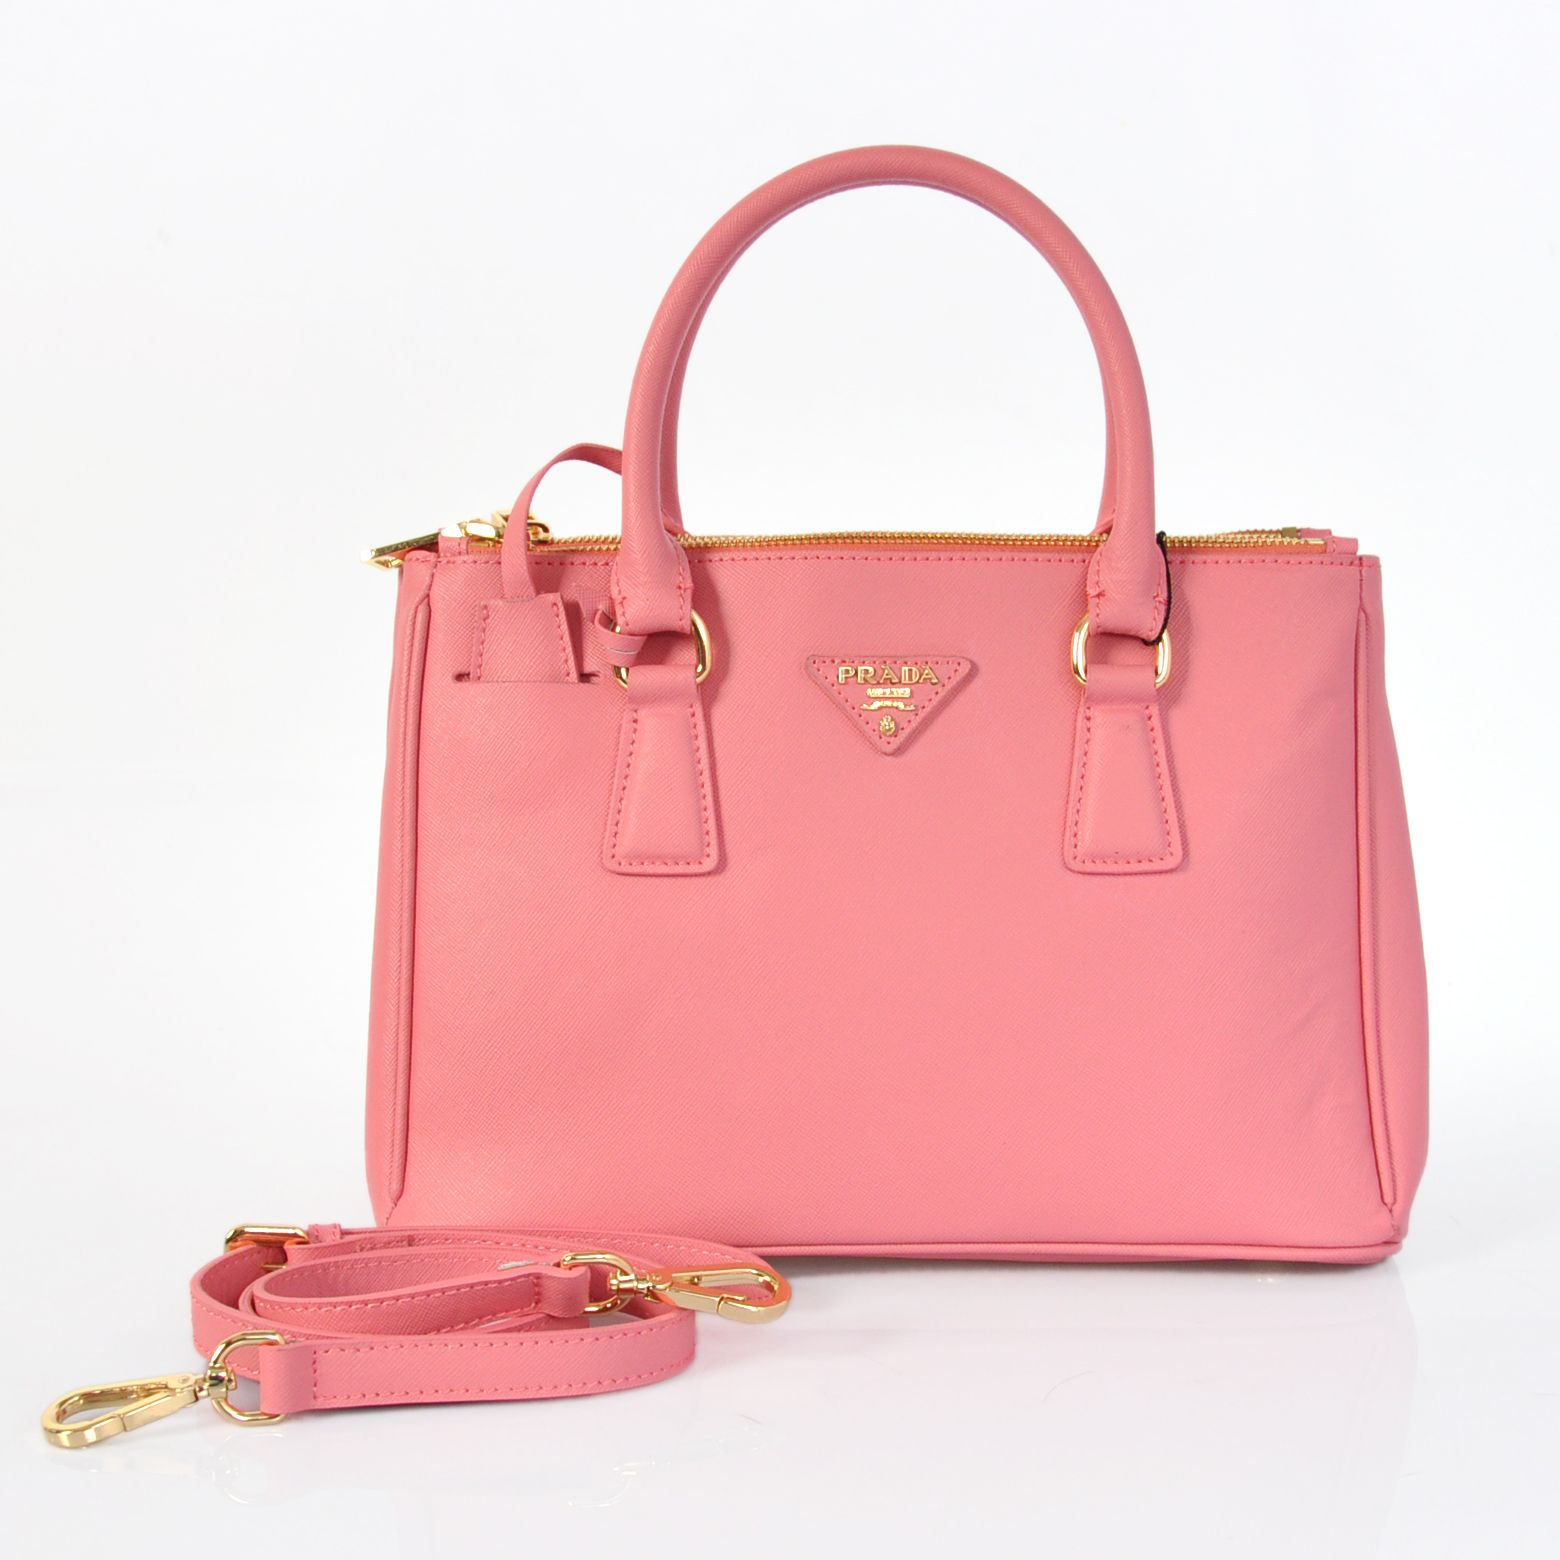 Prada handbags...a girl can dream!!! Prada handbags 2014-2015 MICHAEL  Michael Kors handbag Discover and share your fashion ideas on dae41fe530e